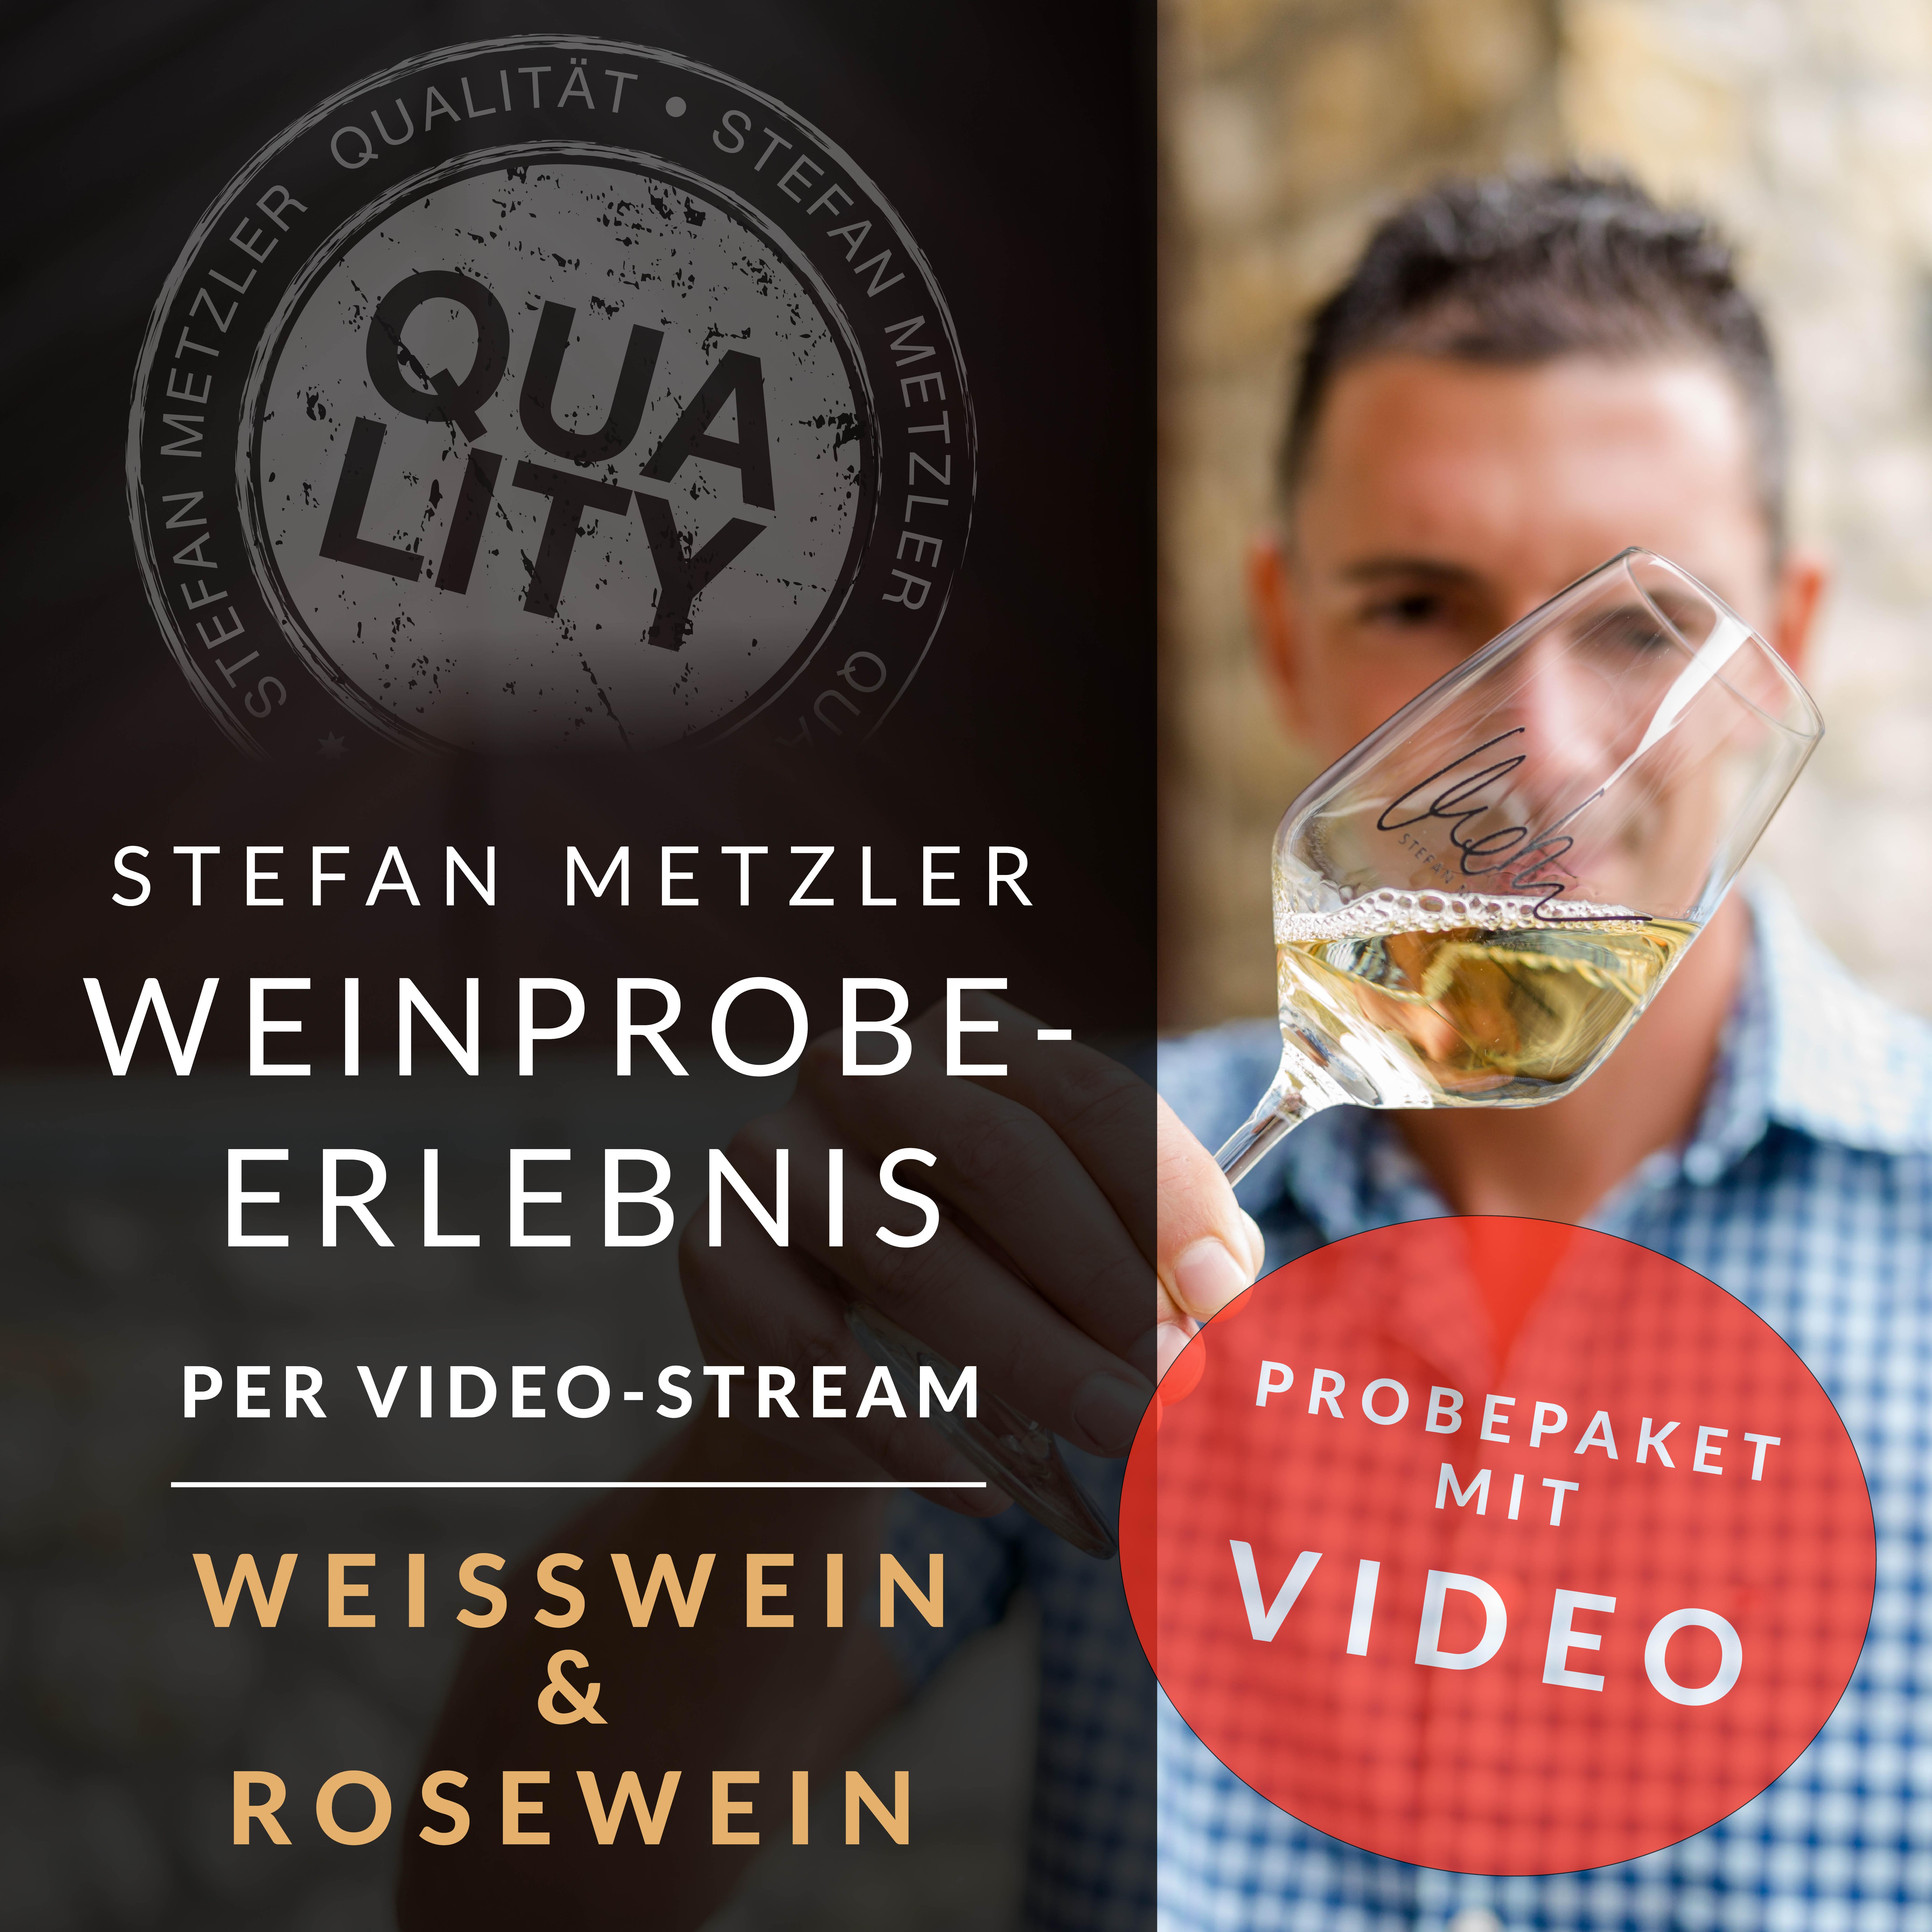 100% Metzler - Dein Weinprobe-Erlebnis per Video! Das Motto: Weisswein & Rosewein